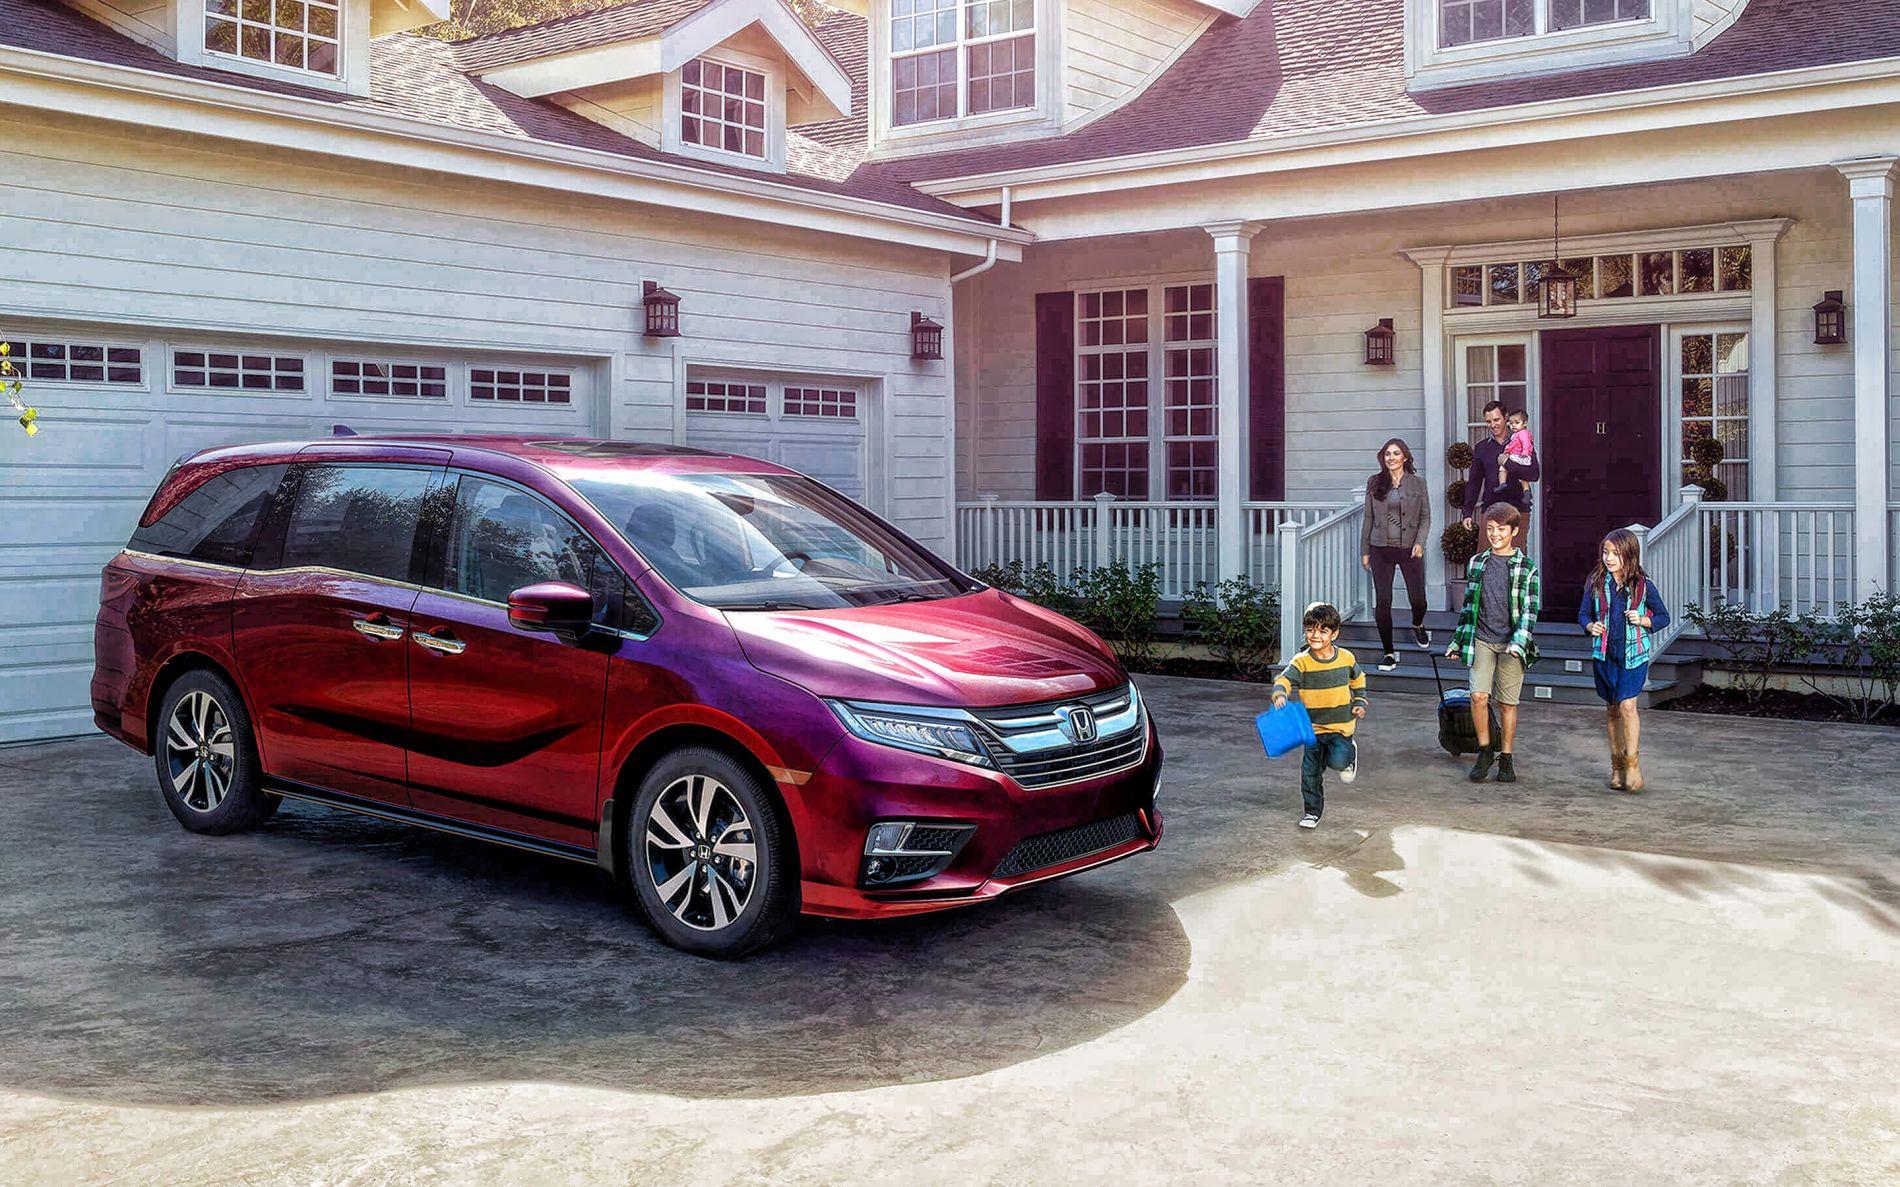 2020 Honda Odyssey - ოჯახის მეგობარი